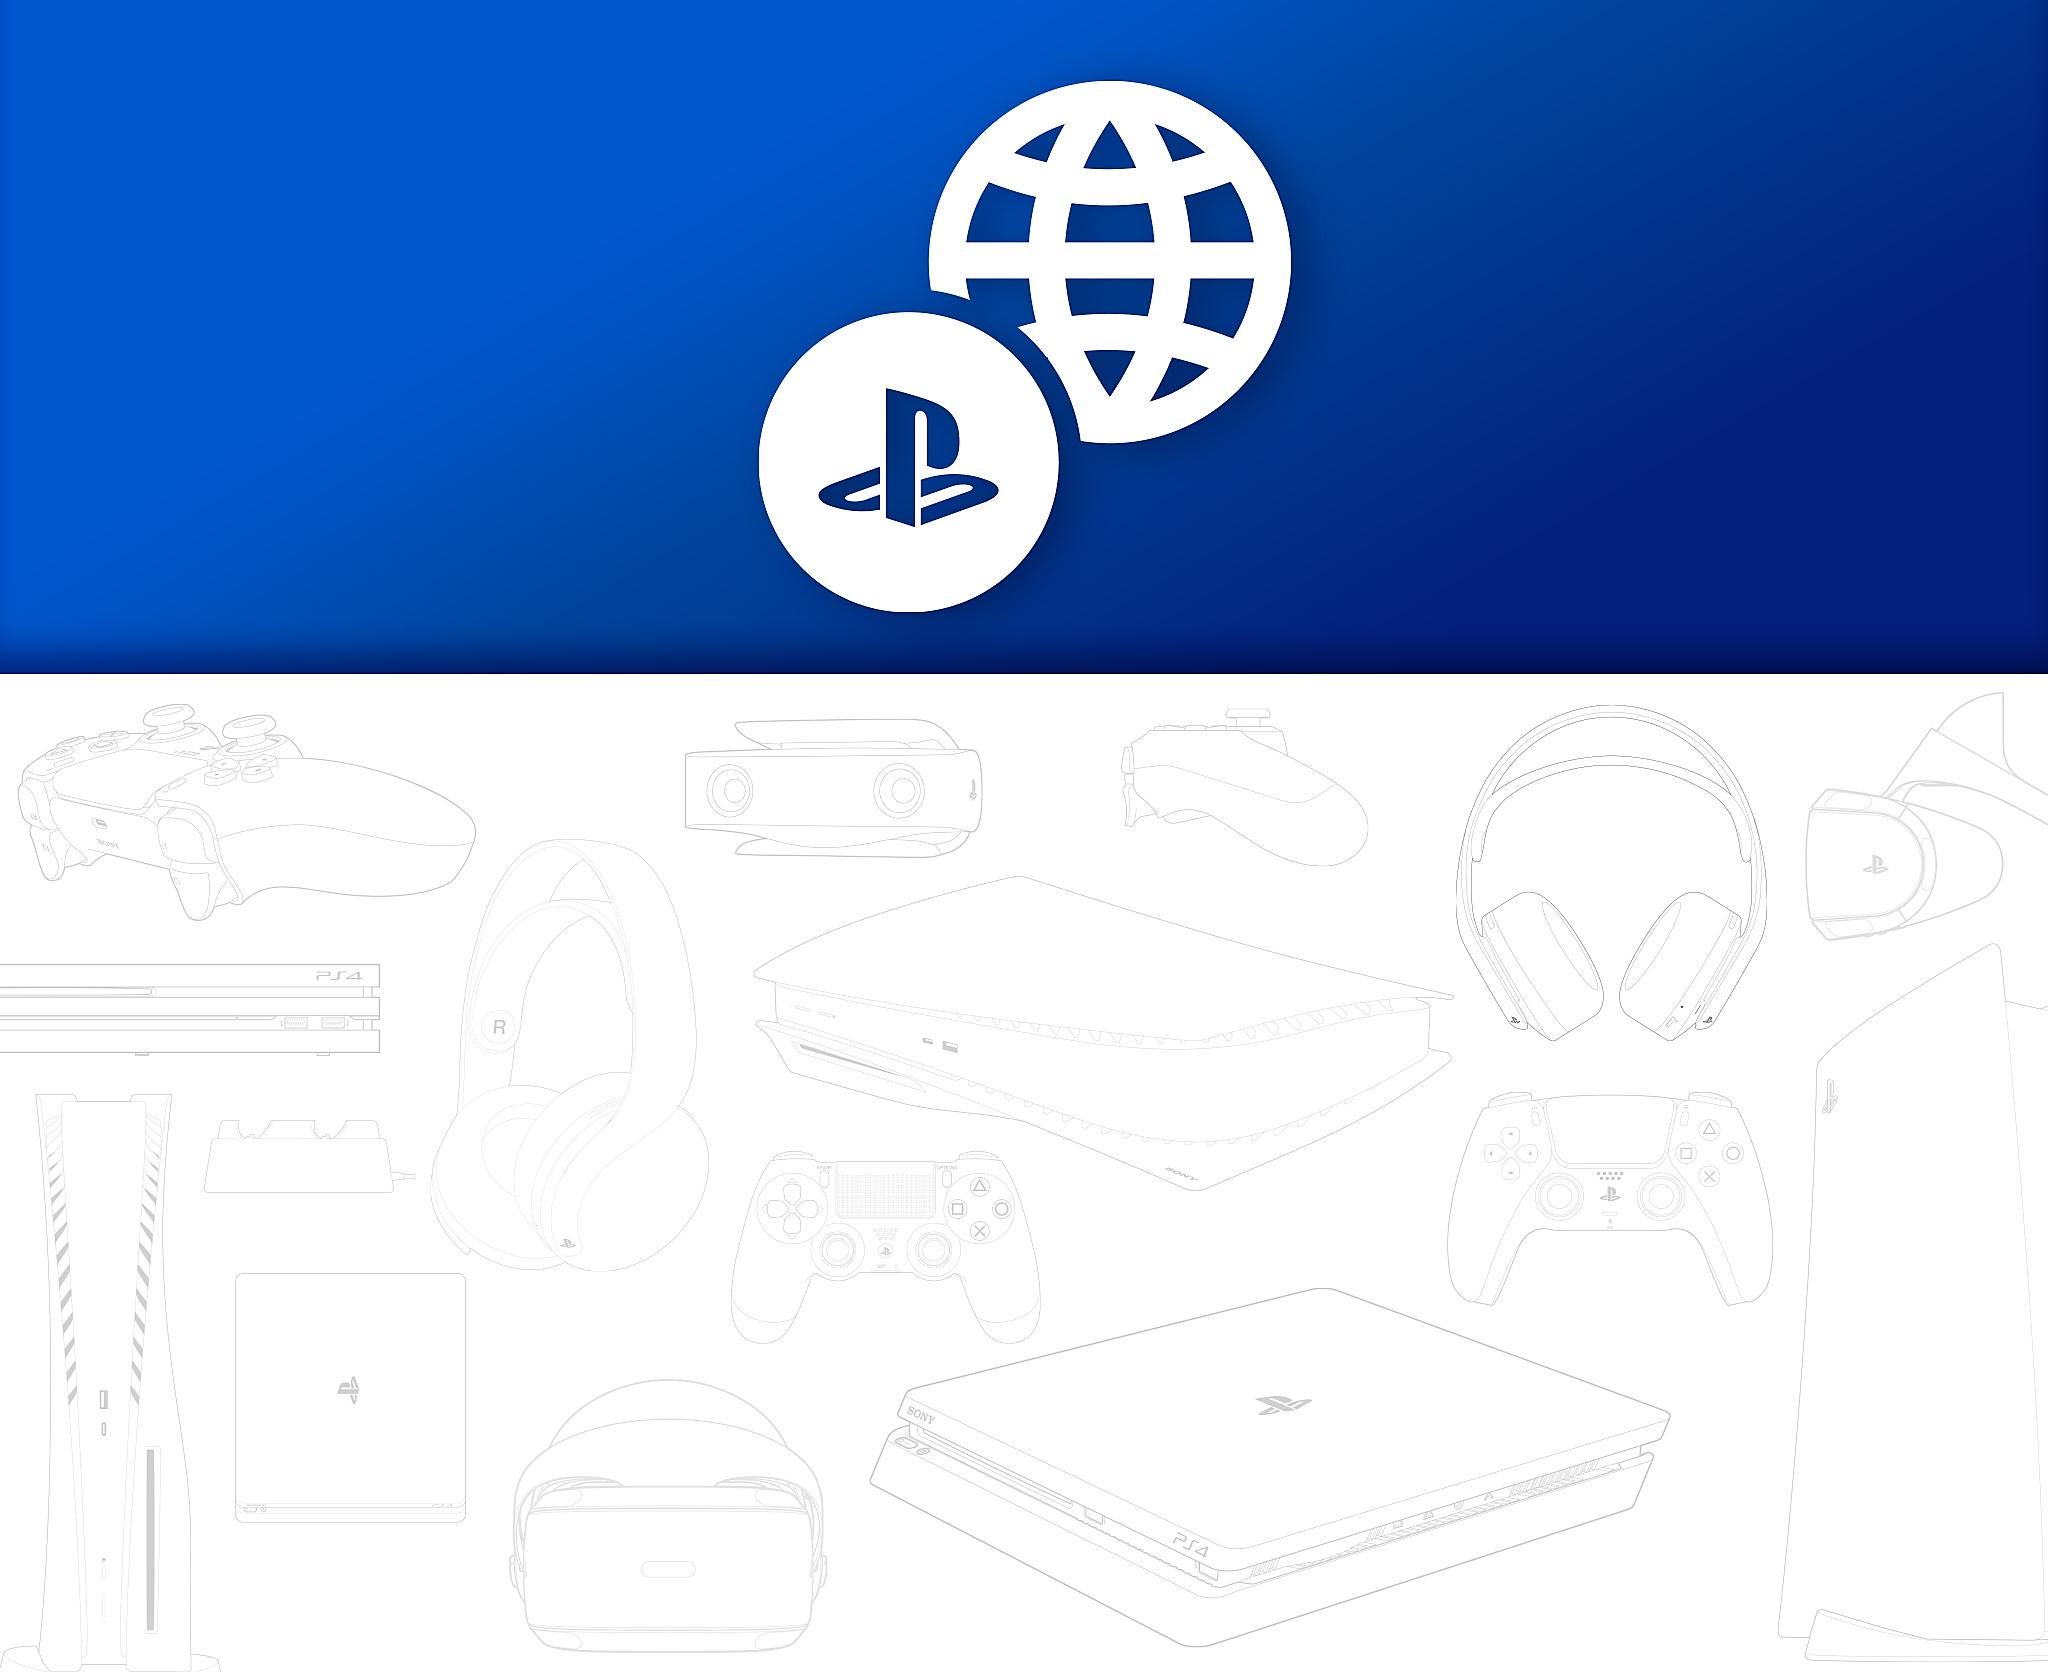 Pessoas a utilizar produtos PlayStation